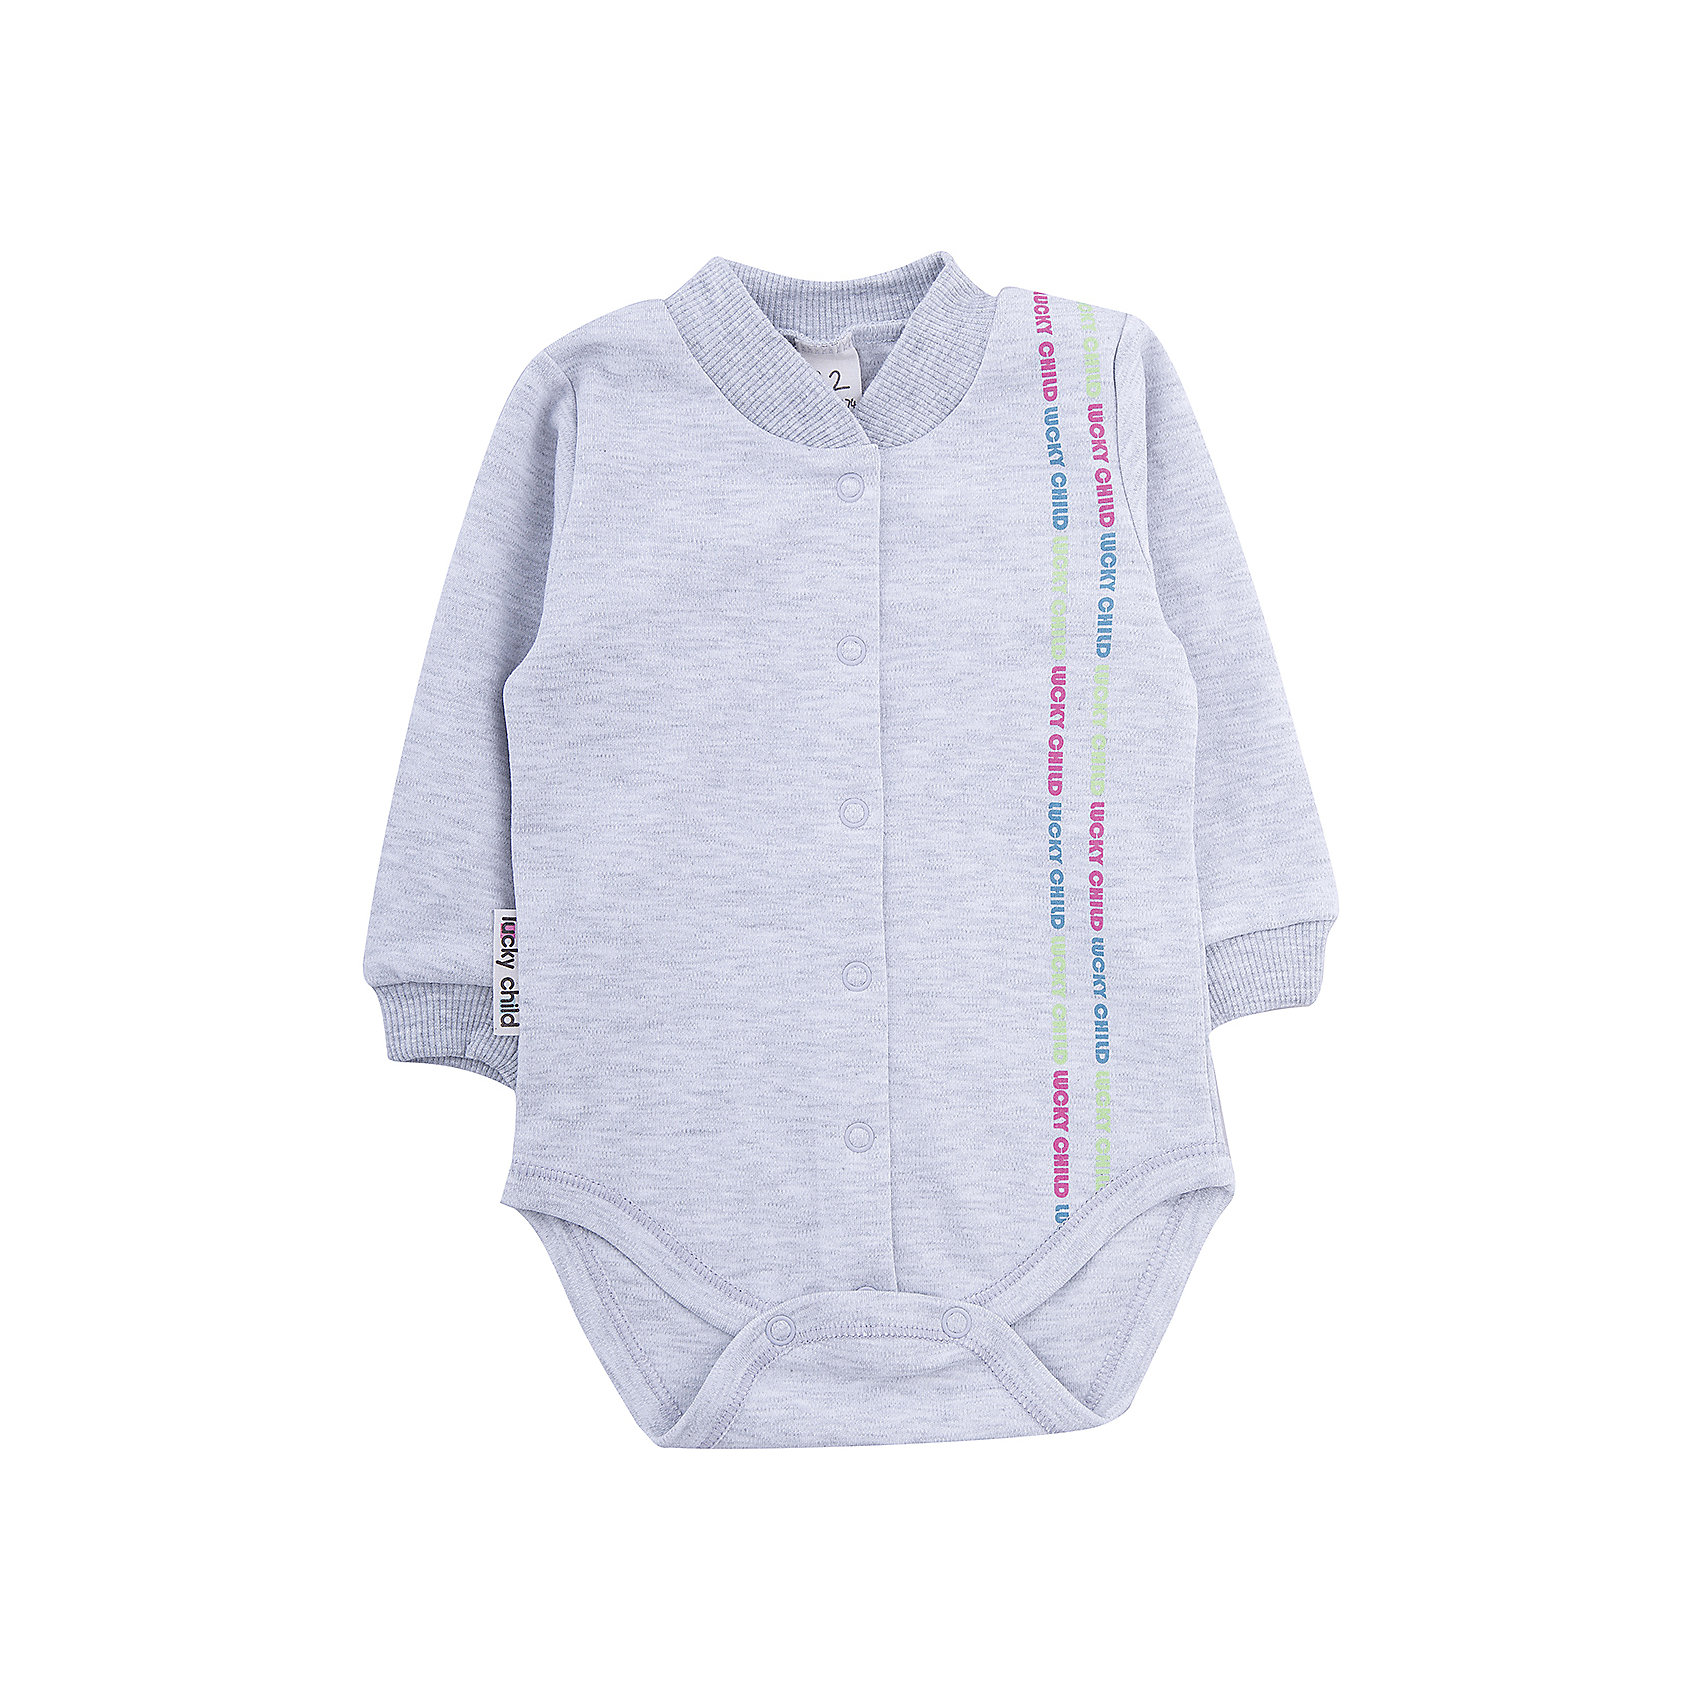 Боди  Lucky ChildБоди<br>Мягкое боди с длинным рукавом для ребенка. Нейтральный цвет, яркий принт. Манжеты и воротничок-стойка из трикотажной резинки. Удобная застежка - кнопки впереди и между ног. Изделие выполнено из гипоаллергенного трикотажа, очень приятного к телу 100% хлопок)<br><br>Ширина мм: 157<br>Глубина мм: 13<br>Высота мм: 119<br>Вес г: 200<br>Цвет: серый<br>Возраст от месяцев: 6<br>Возраст до месяцев: 9<br>Пол: Унисекс<br>Возраст: Детский<br>Размер: 68/74,74/80,80/86,62/68,56/62<br>SKU: 3340743